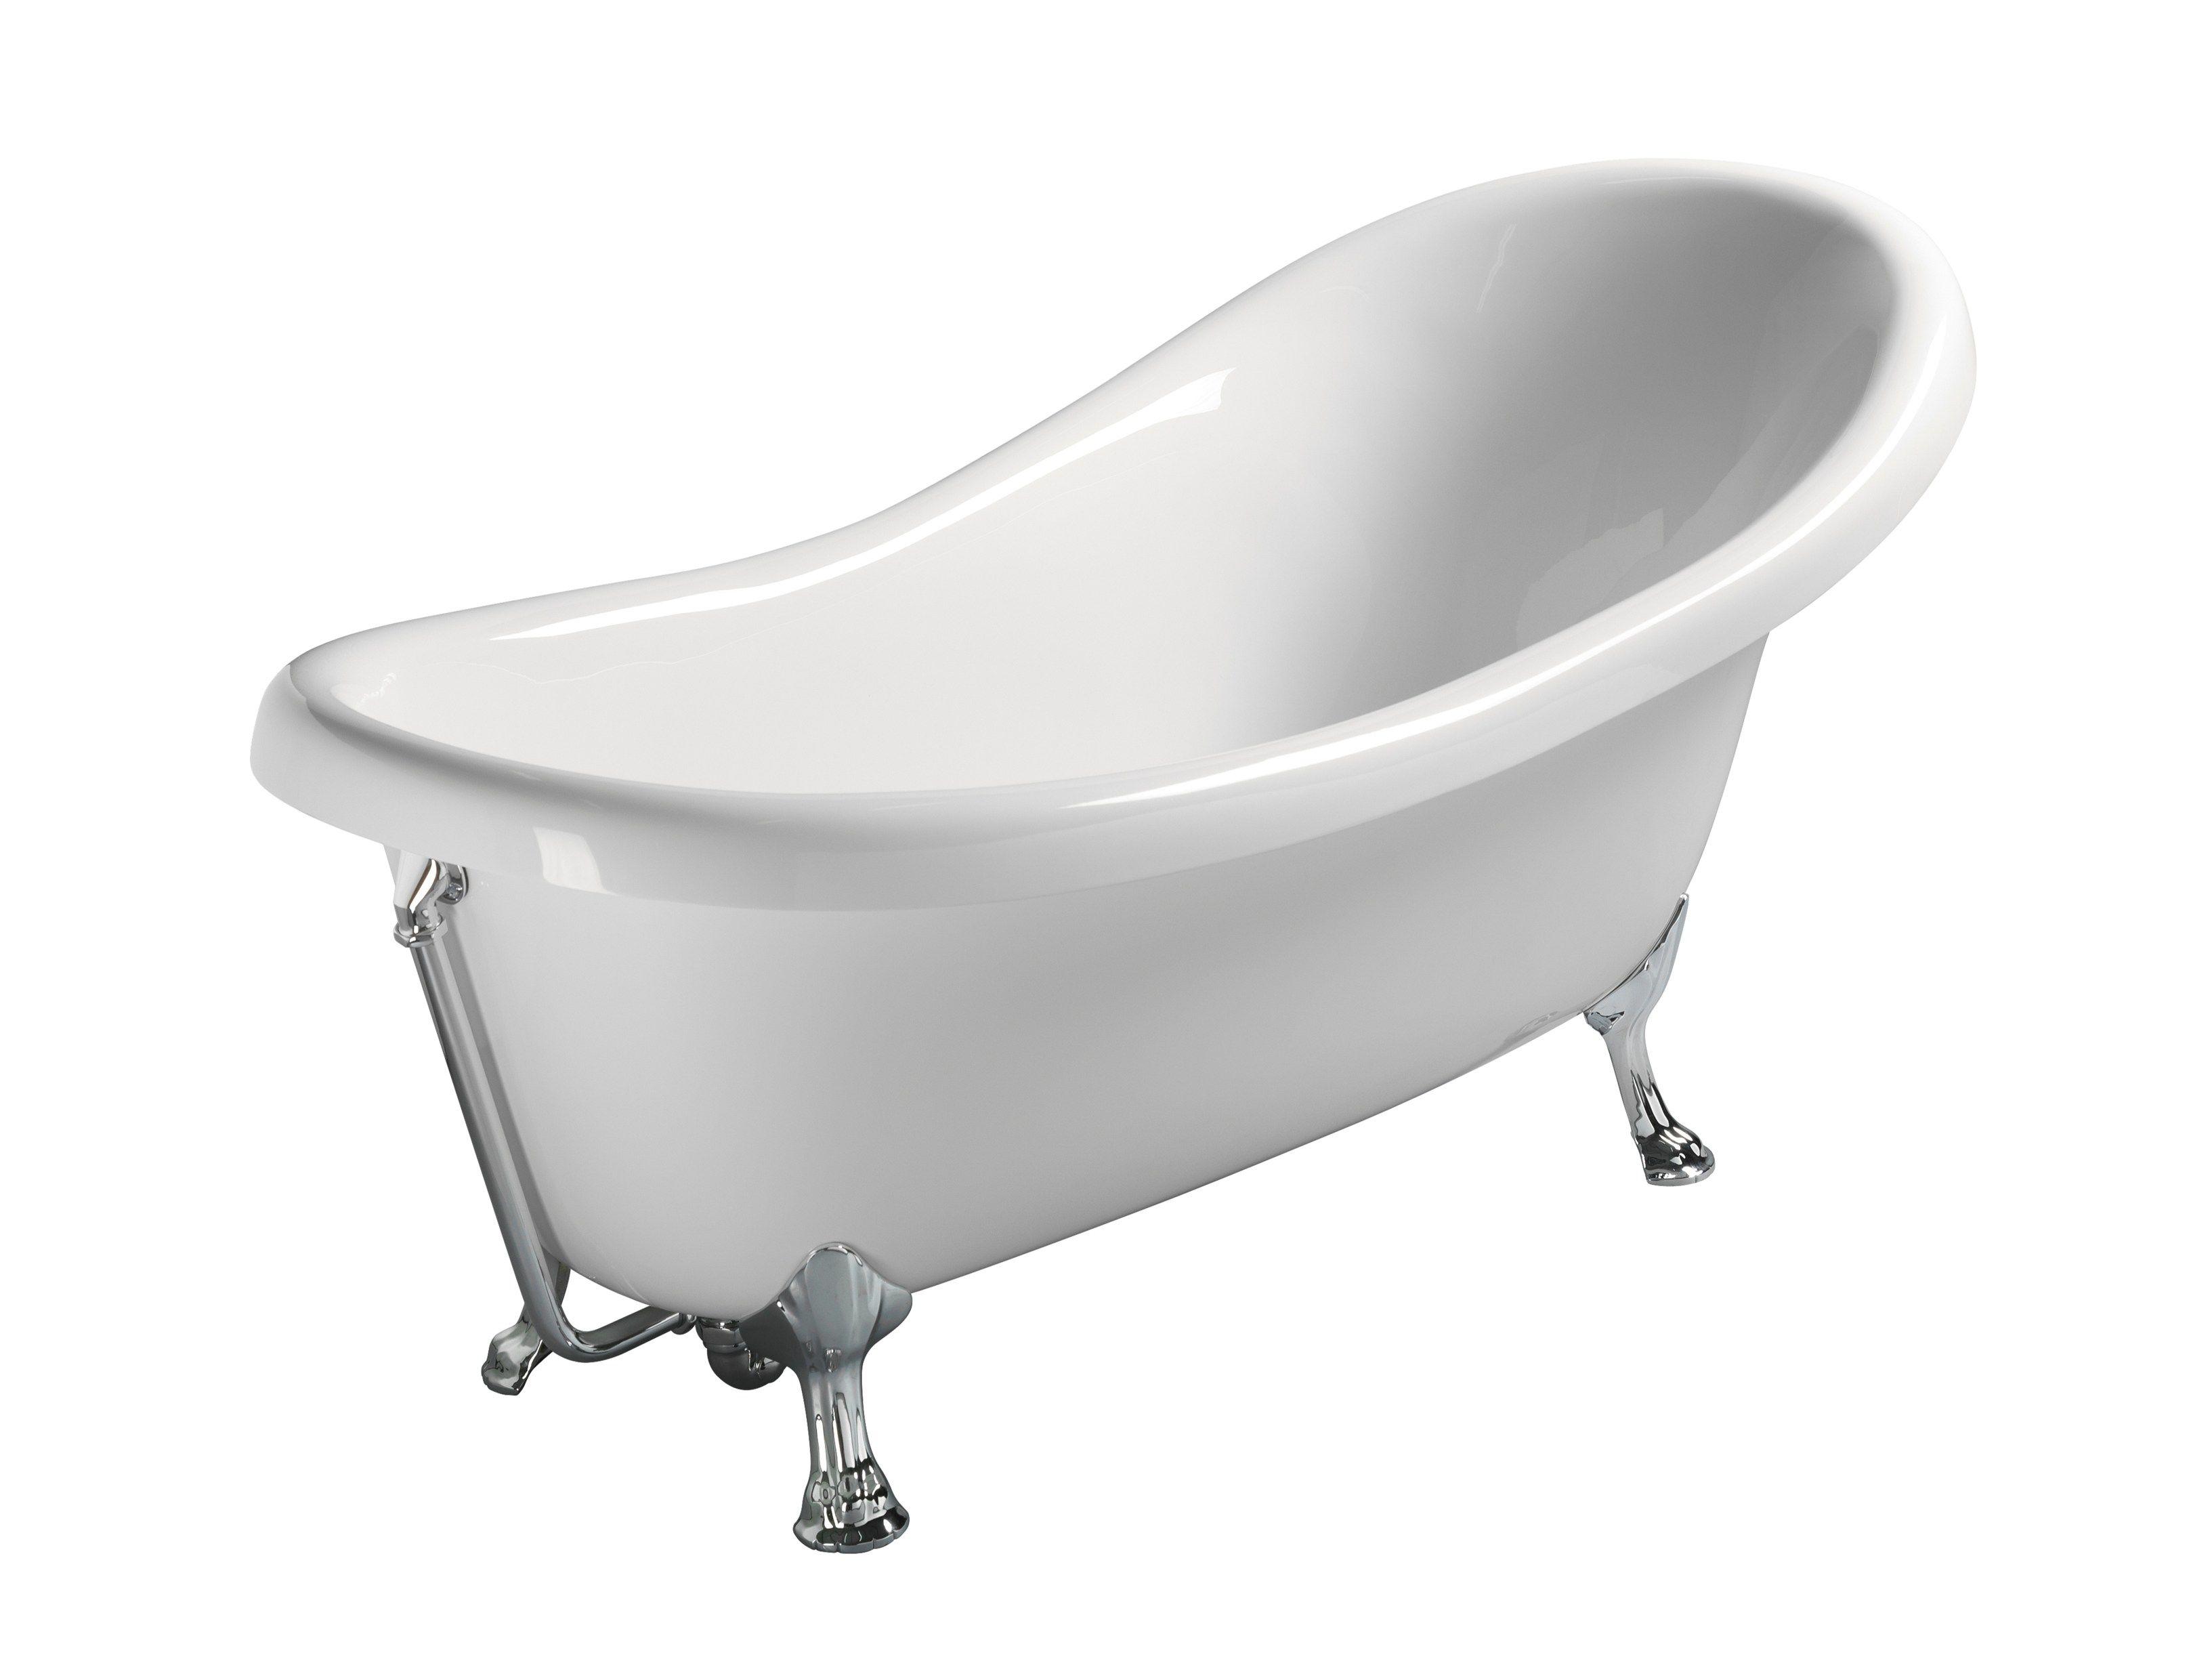 Classic 175 vasca da bagno by gsi ceramica - Prodotti per pulire vasca da bagno ...